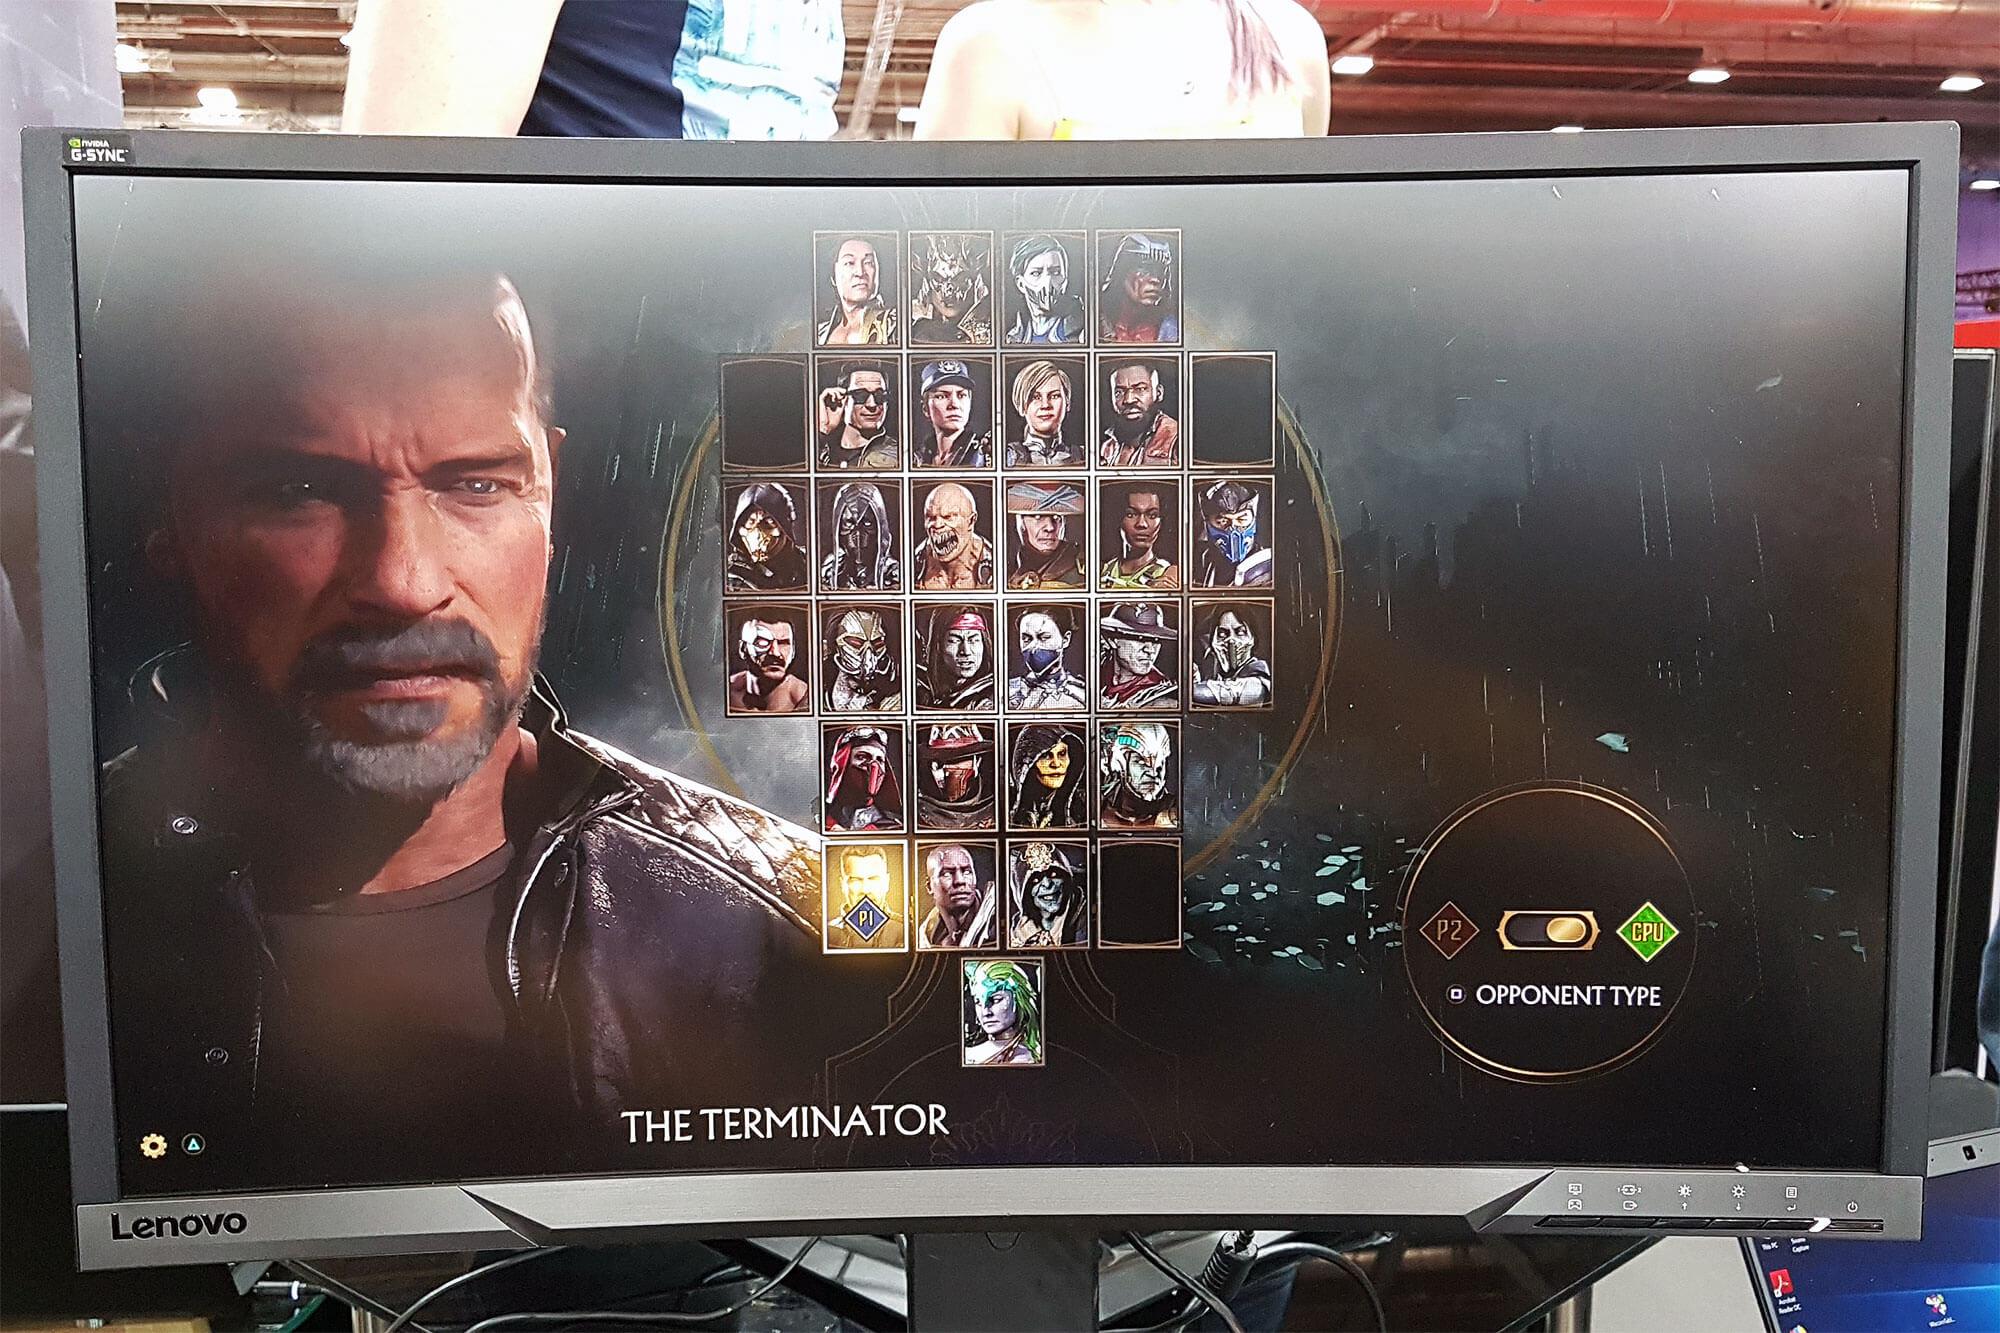 Terminator Mortal Kombat 11 LAPS4